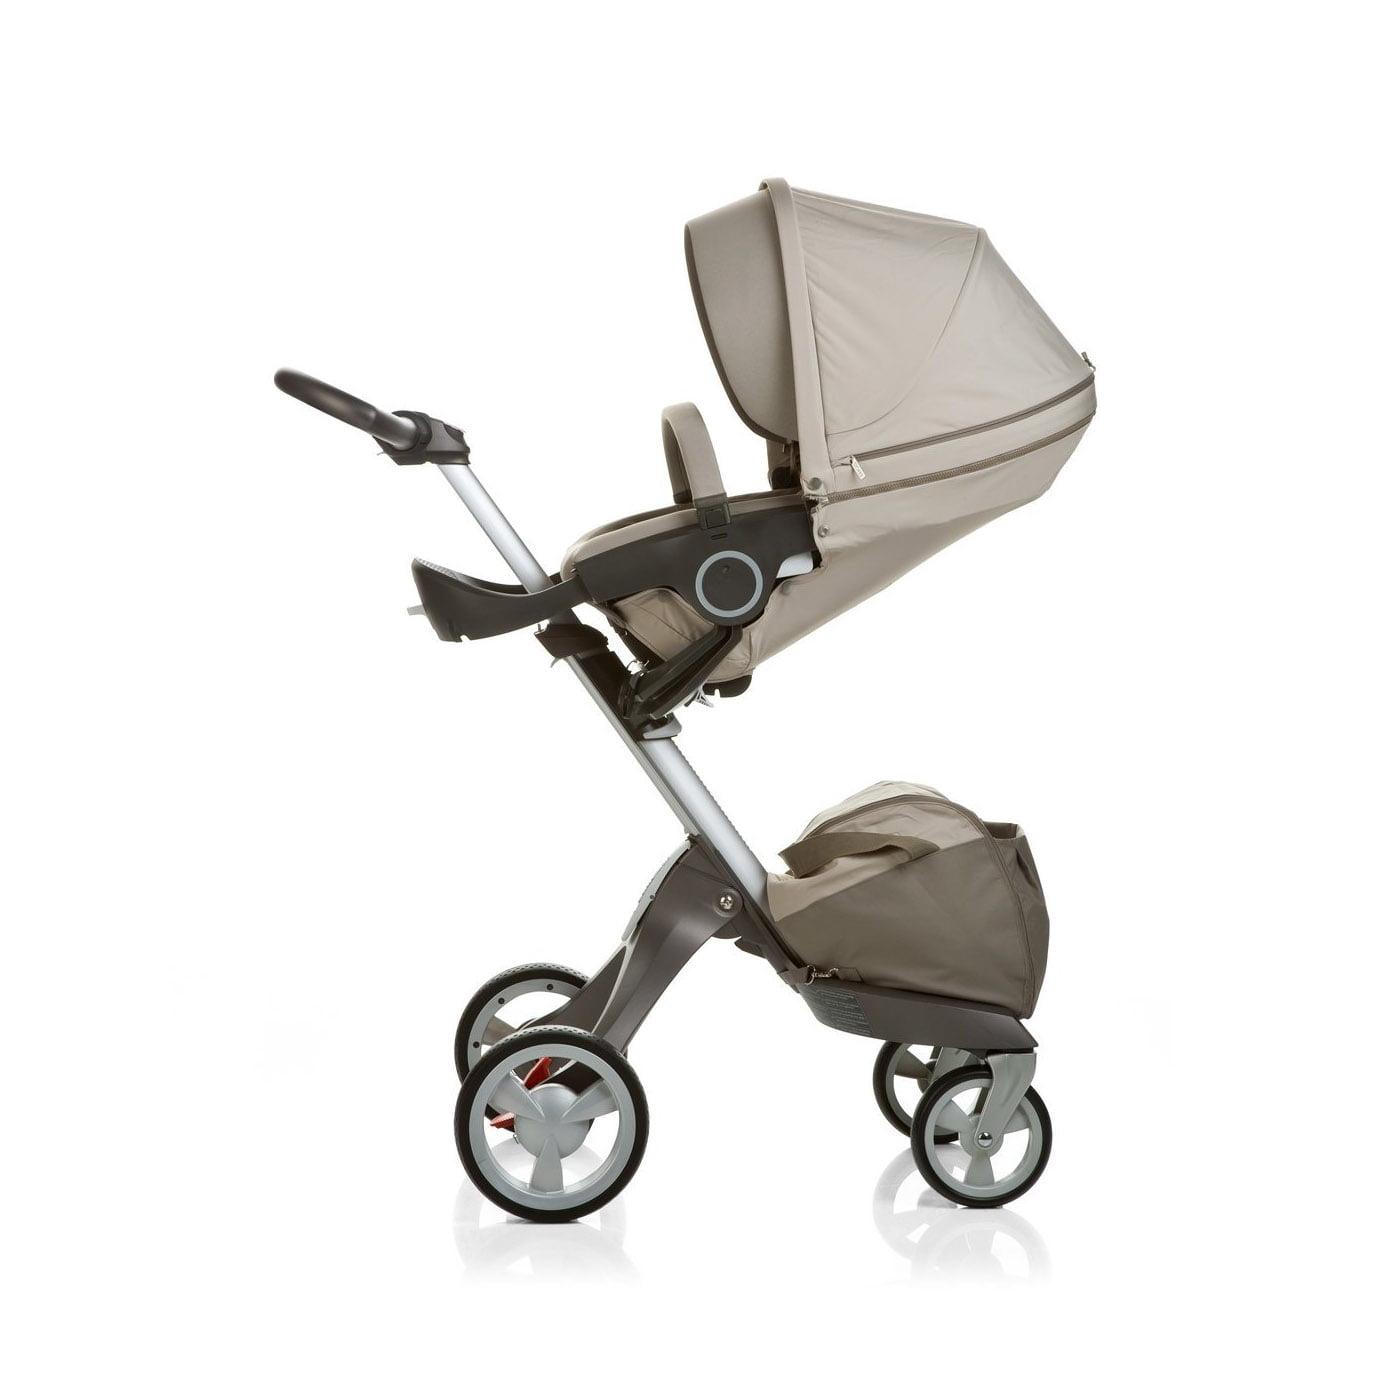 Stokke XPLORY V3 Baby Stroller in Beige